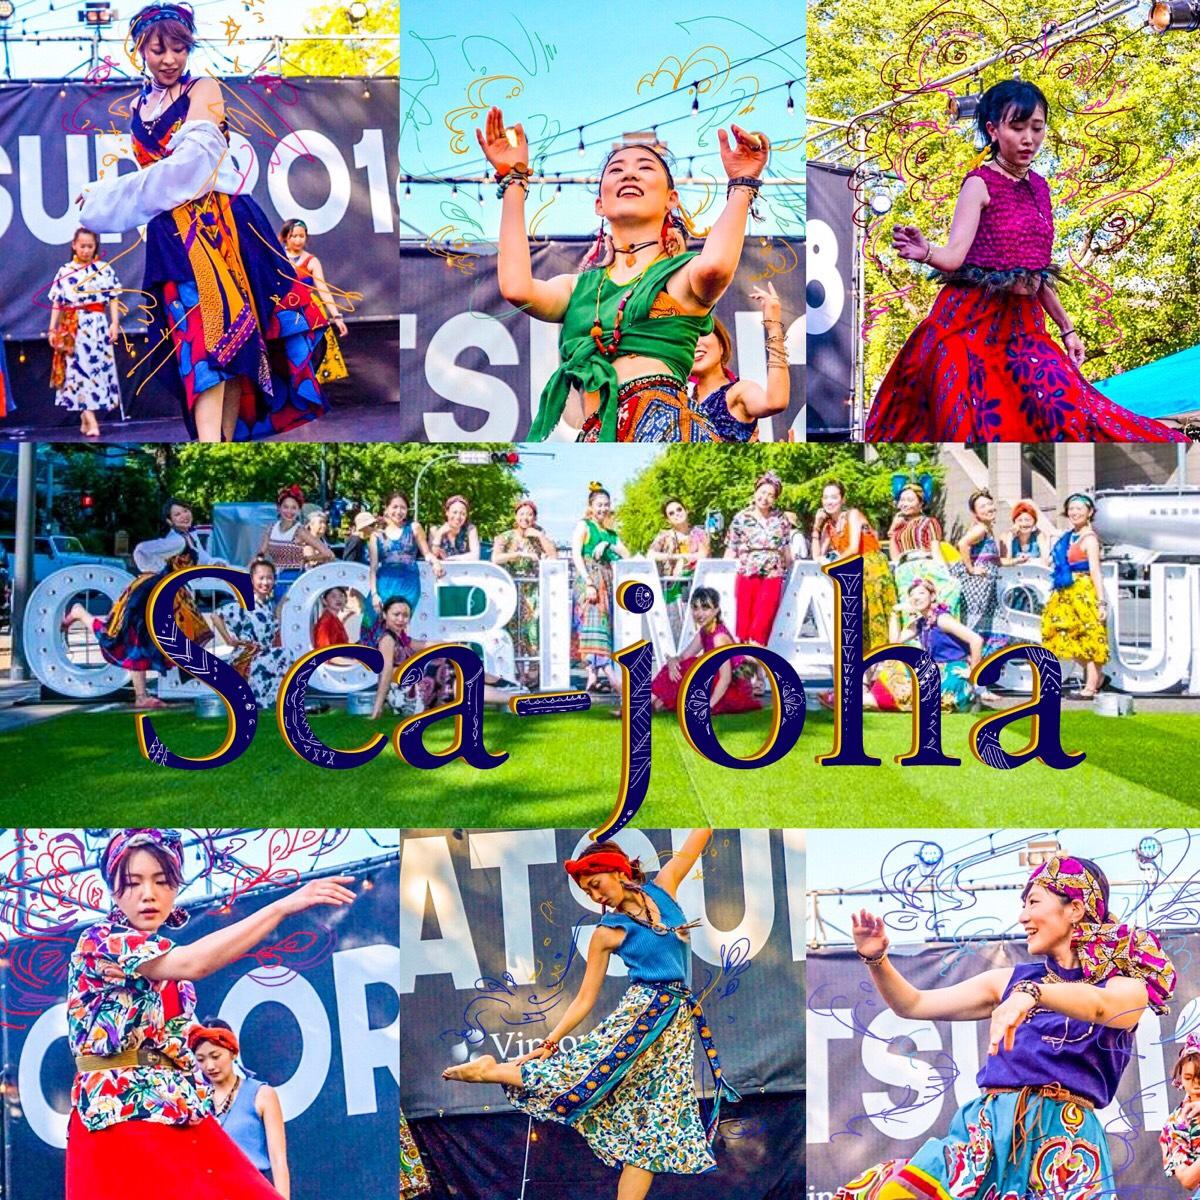 Sca-joha スカートで躍るハウスチーム スカヨハ